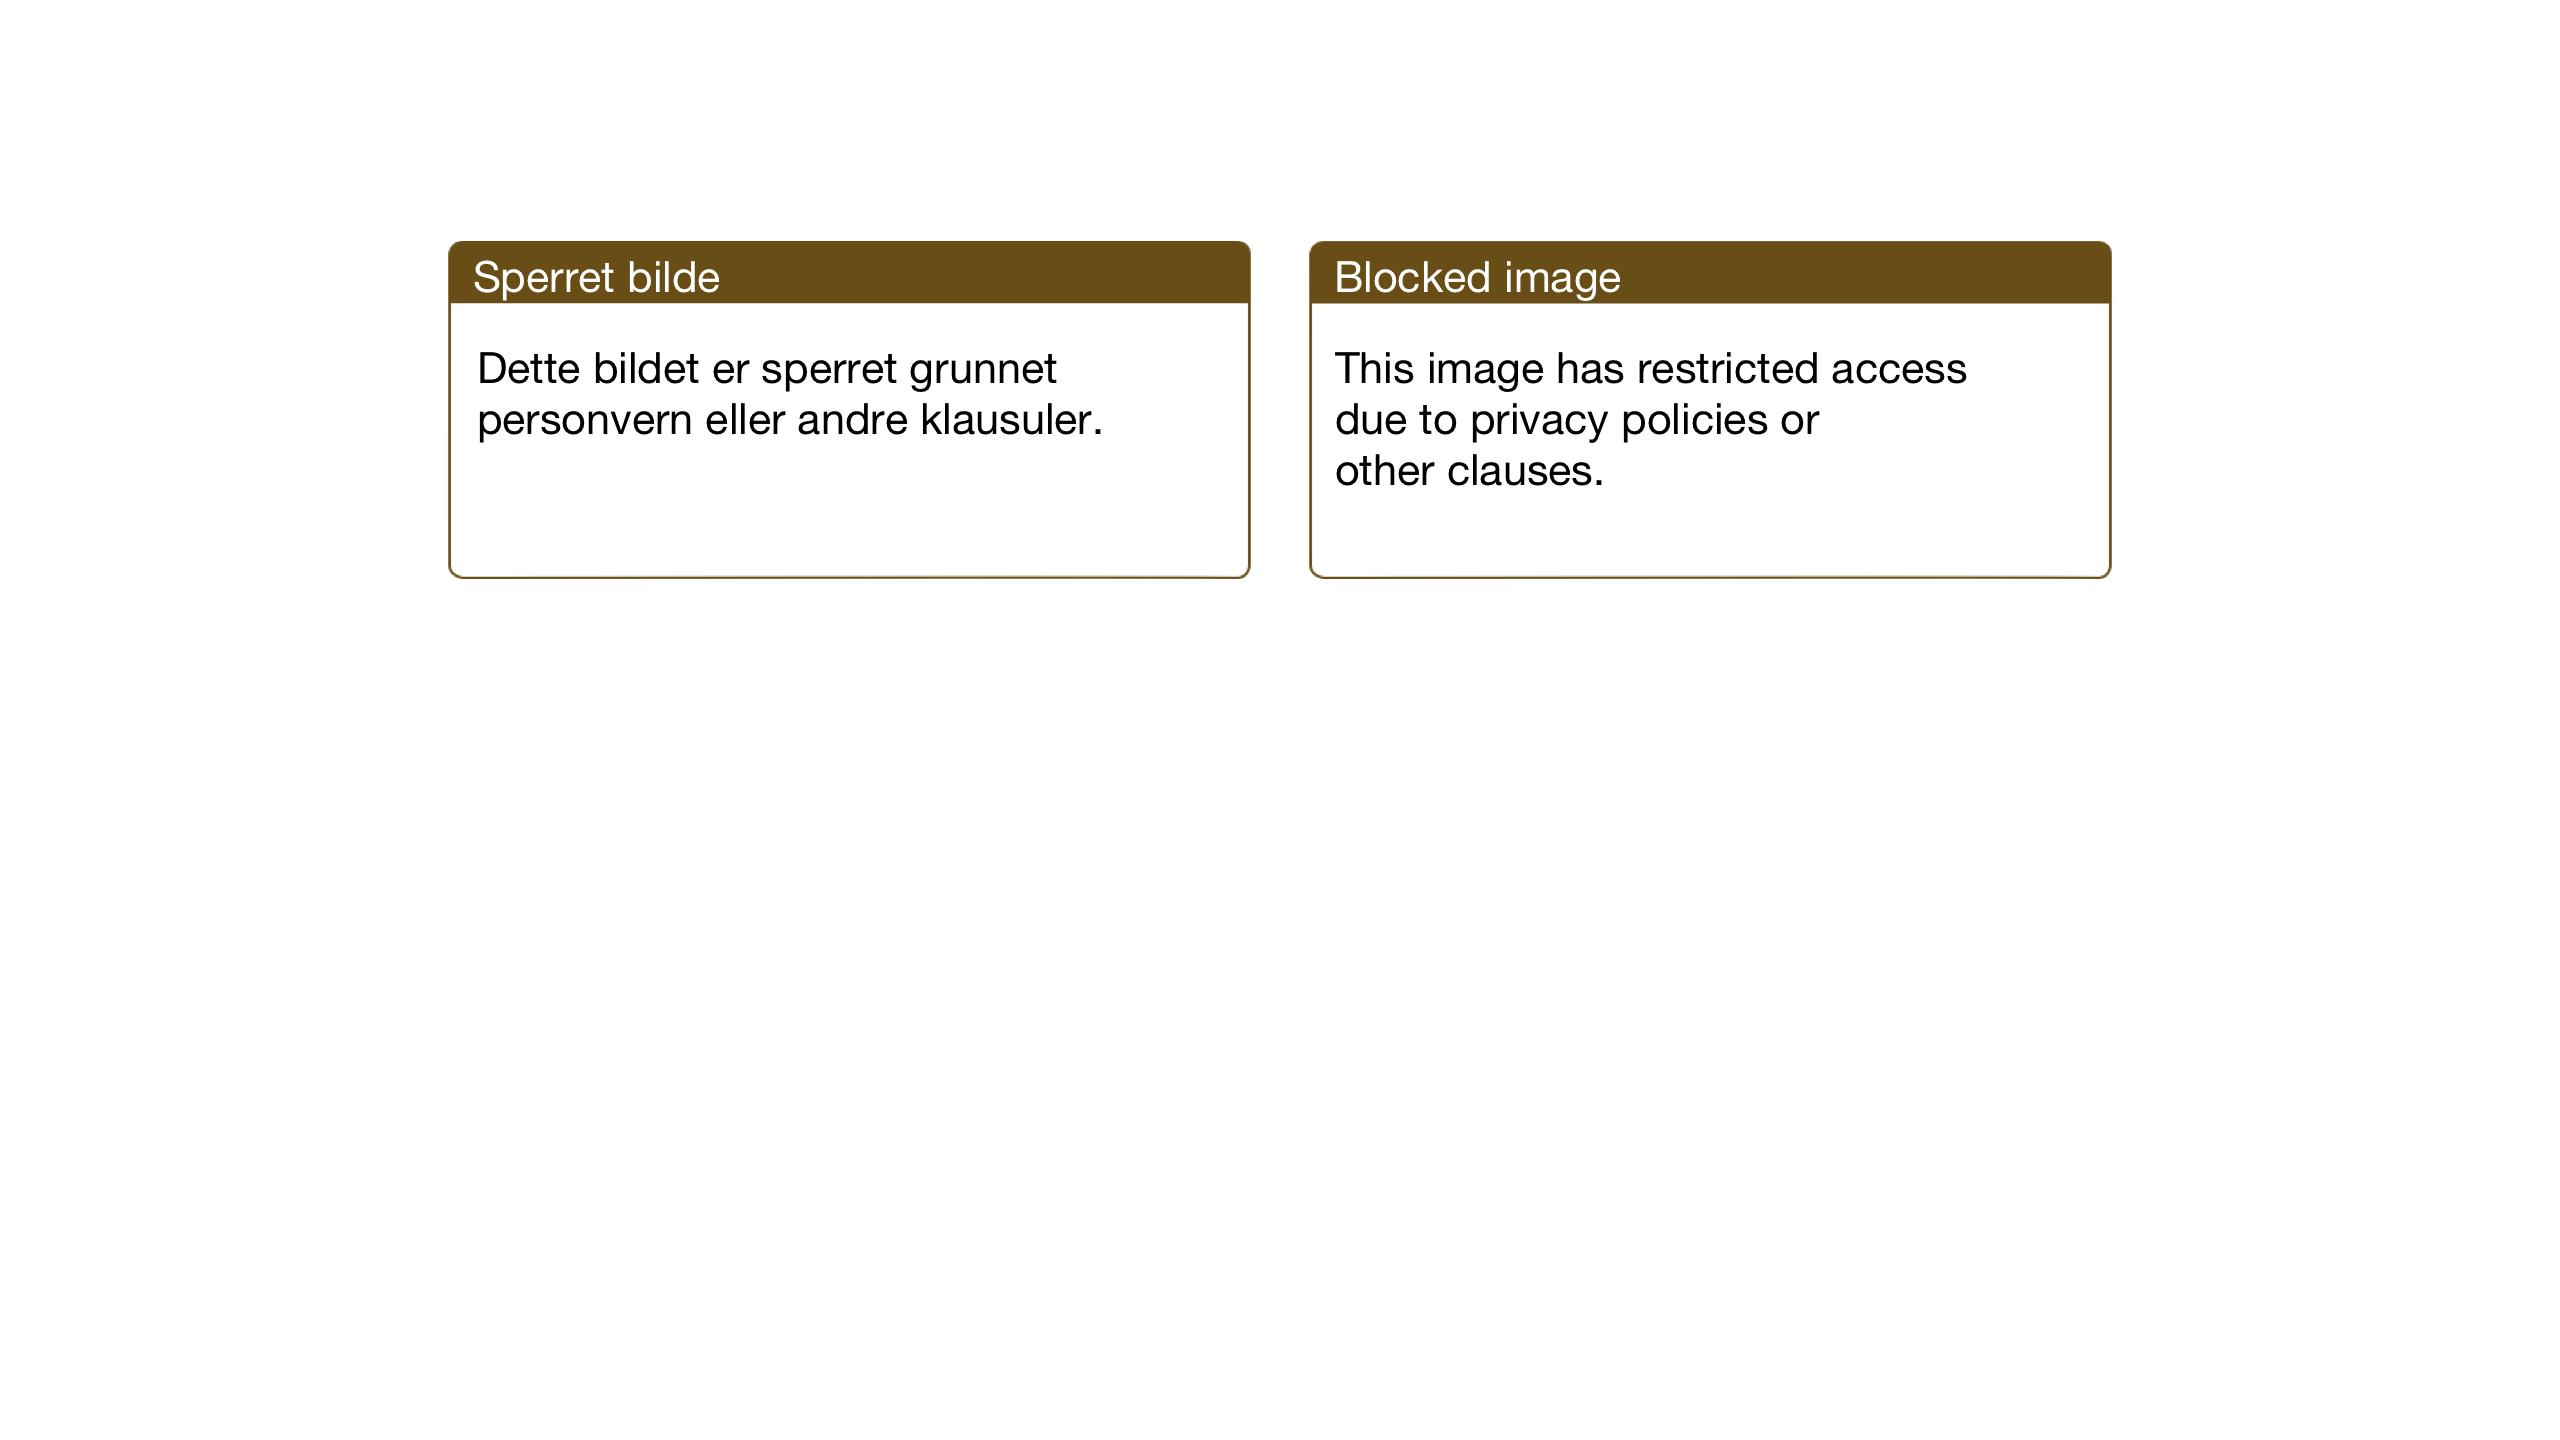 SAT, Ministerialprotokoller, klokkerbøker og fødselsregistre - Sør-Trøndelag, 604/L0210: Ministerialbok nr. 604A30, 1932-1946, s. 132